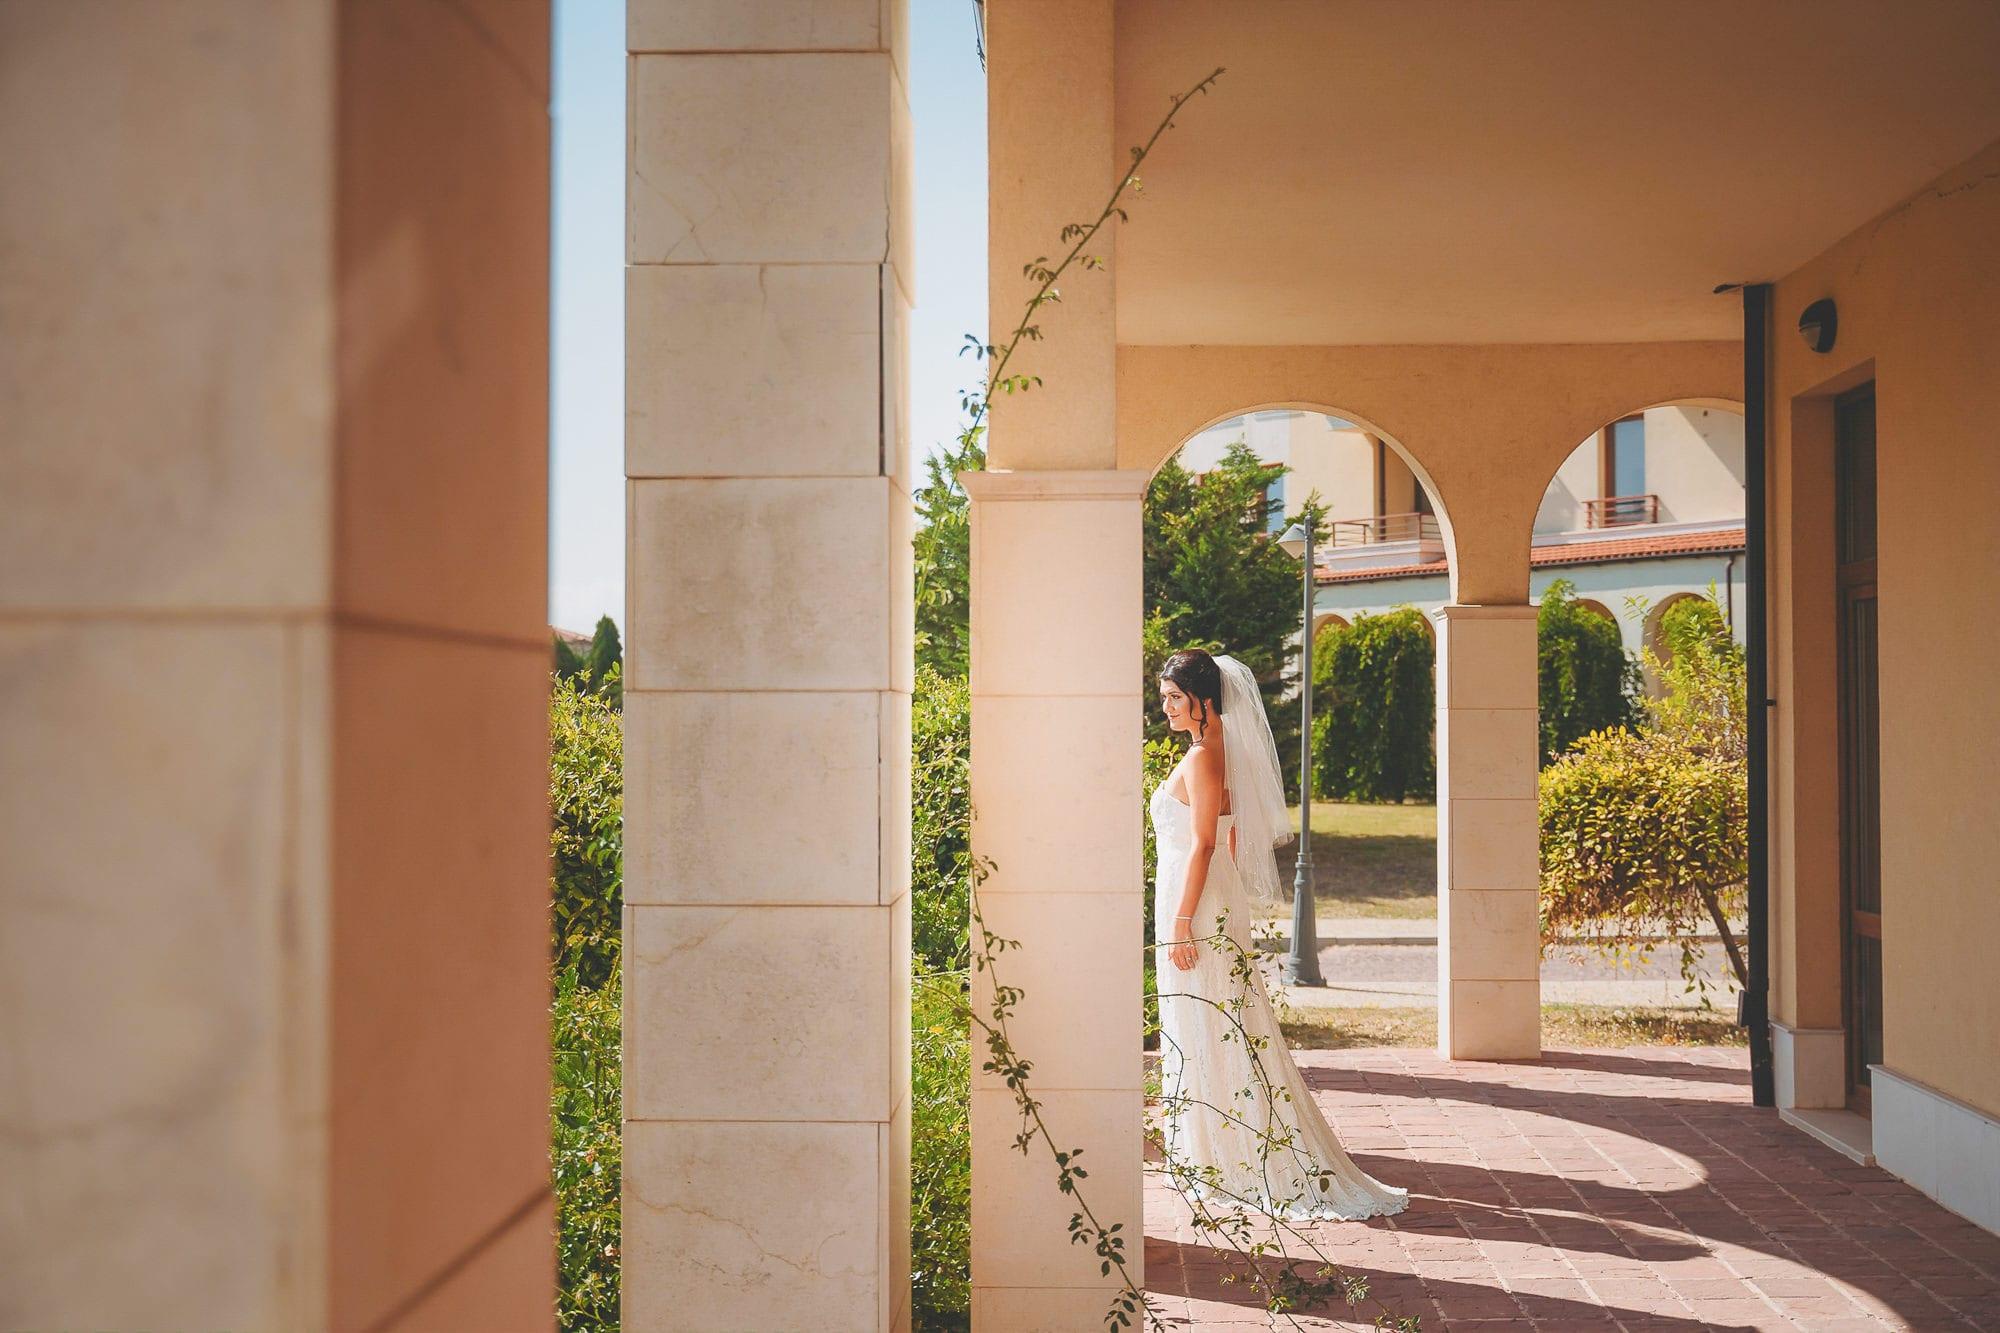 Булката в очакване на сватбената церемония